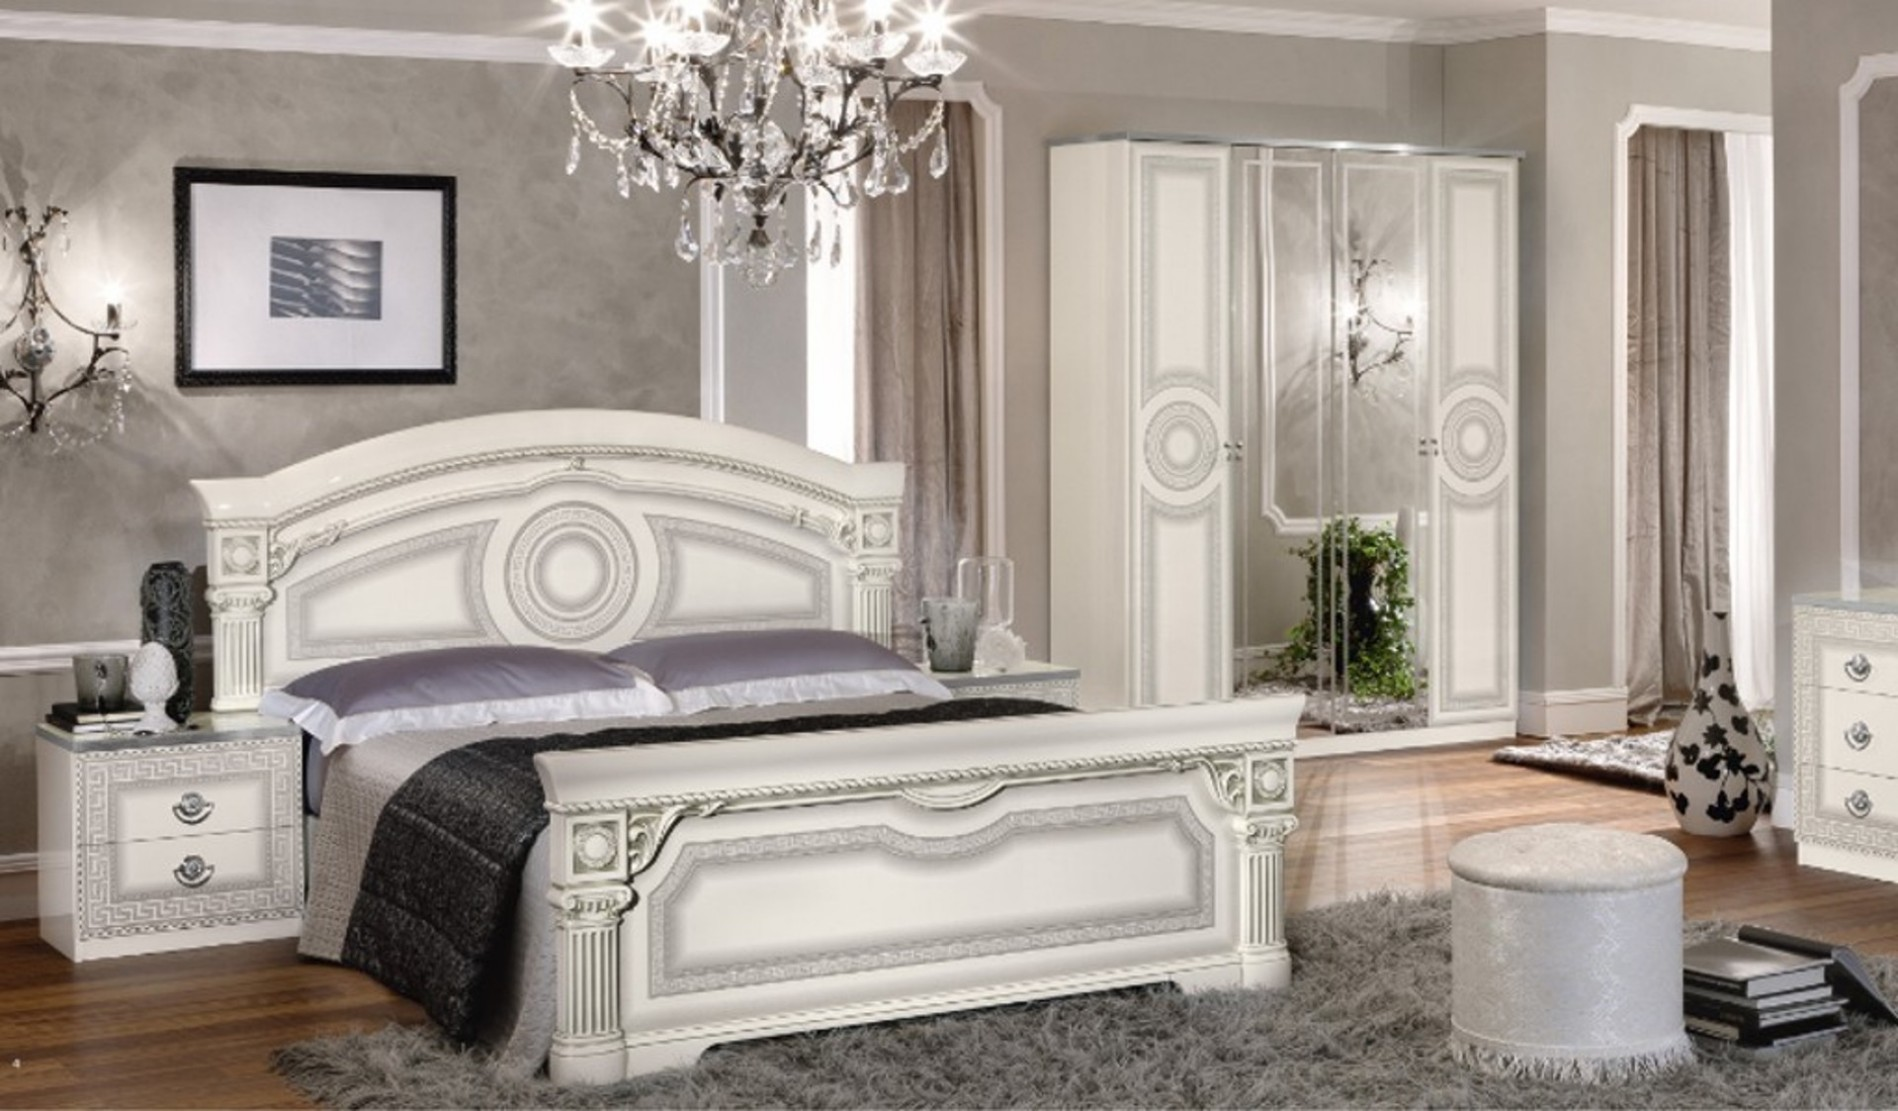 Italienische schlafzimmer komplett kaufen schlafzimmer - Italienische schlafzimmer katalog ...